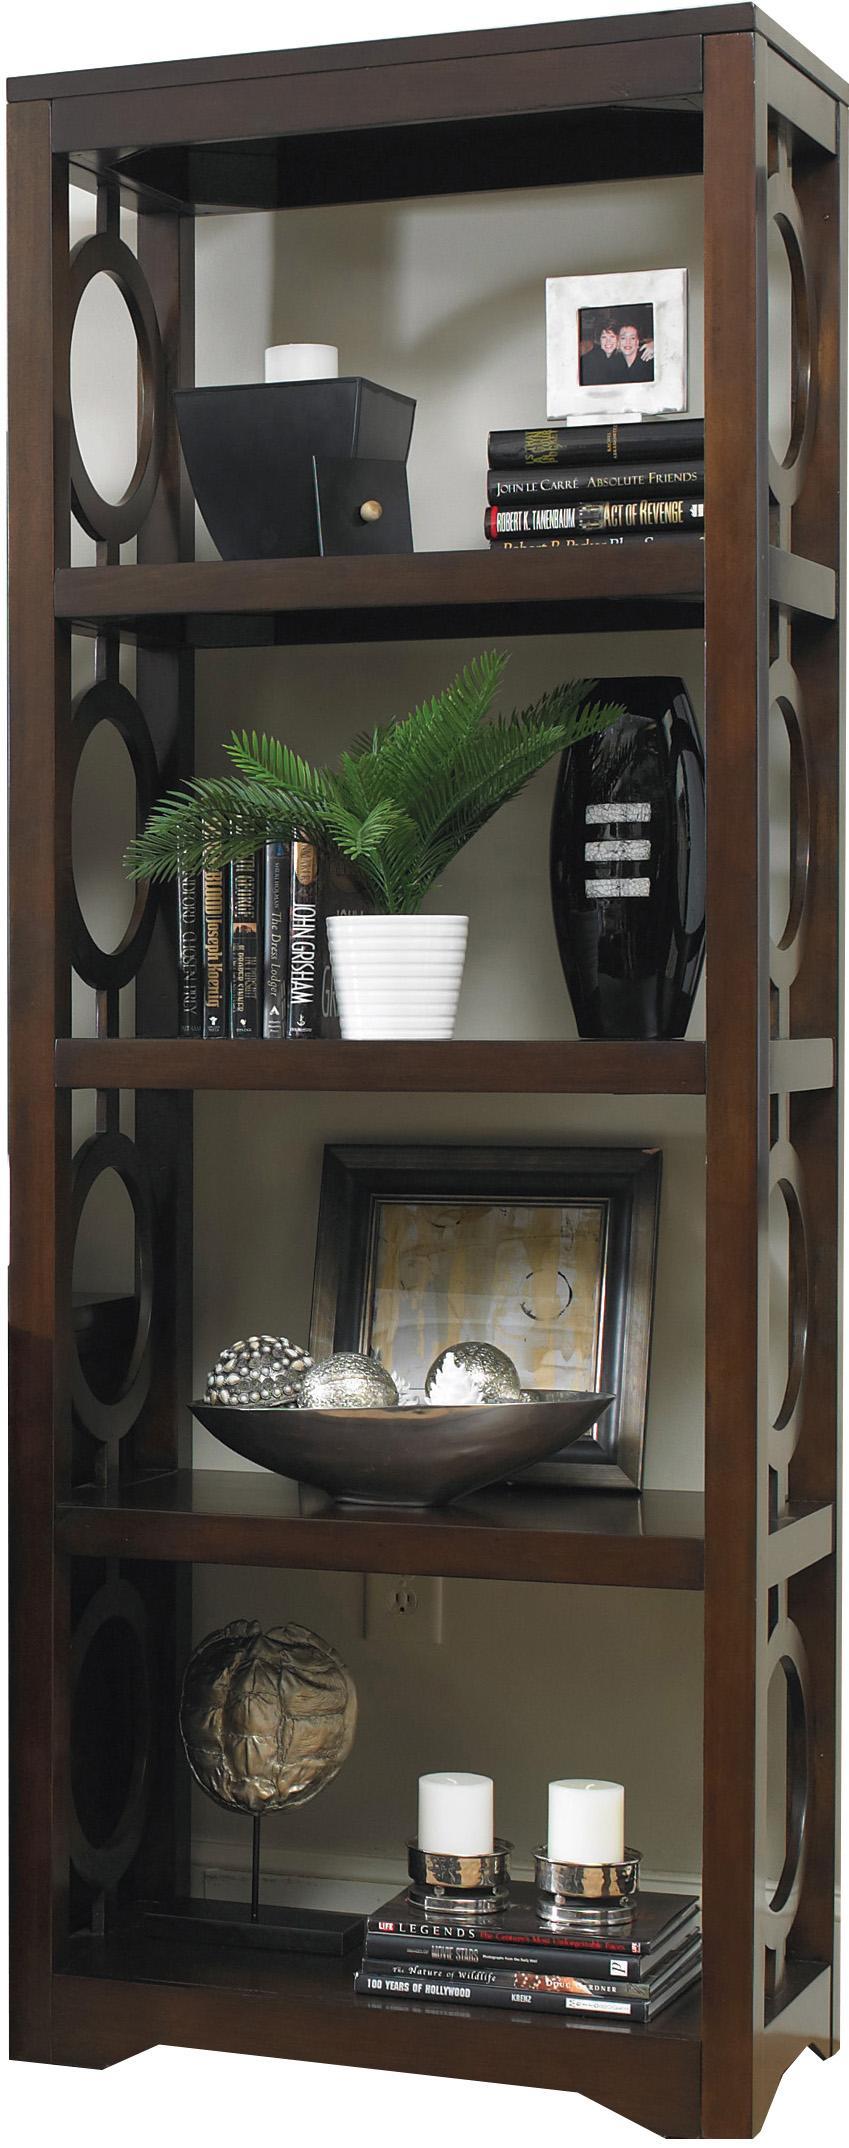 Hooker Furniture Kinsey Kinsey Etagere - Item Number: 5066-10443